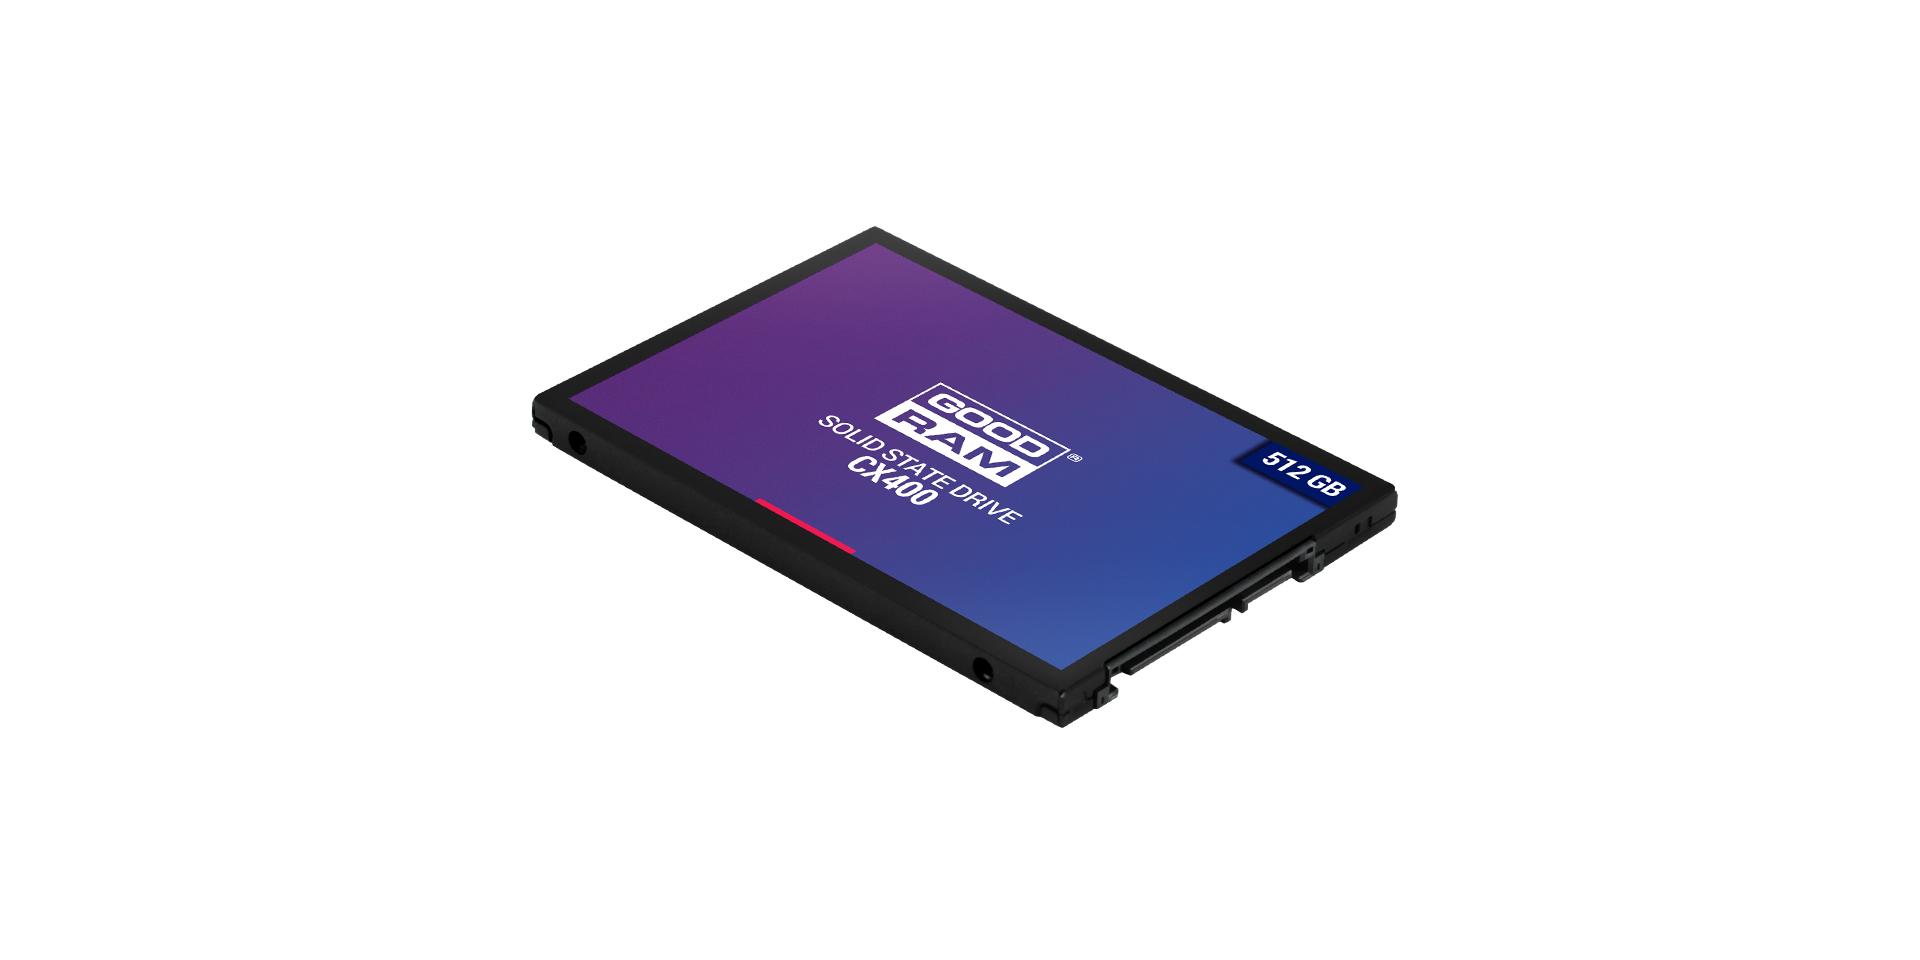 SATA III SSD